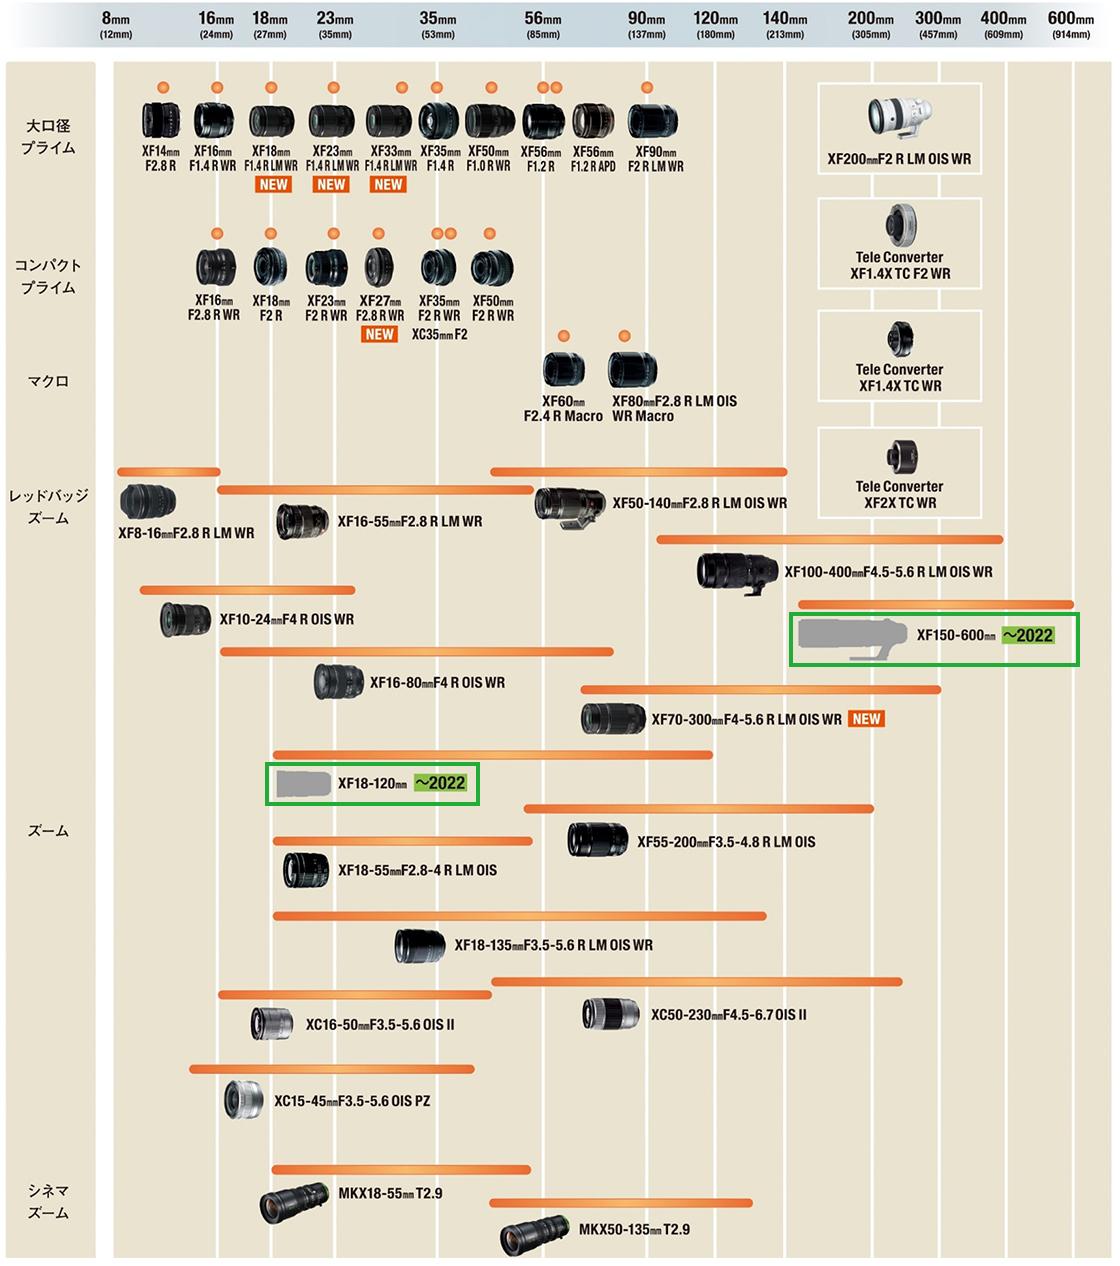 [図]「Xシリーズ」用交換レンズの開発ロードマップ